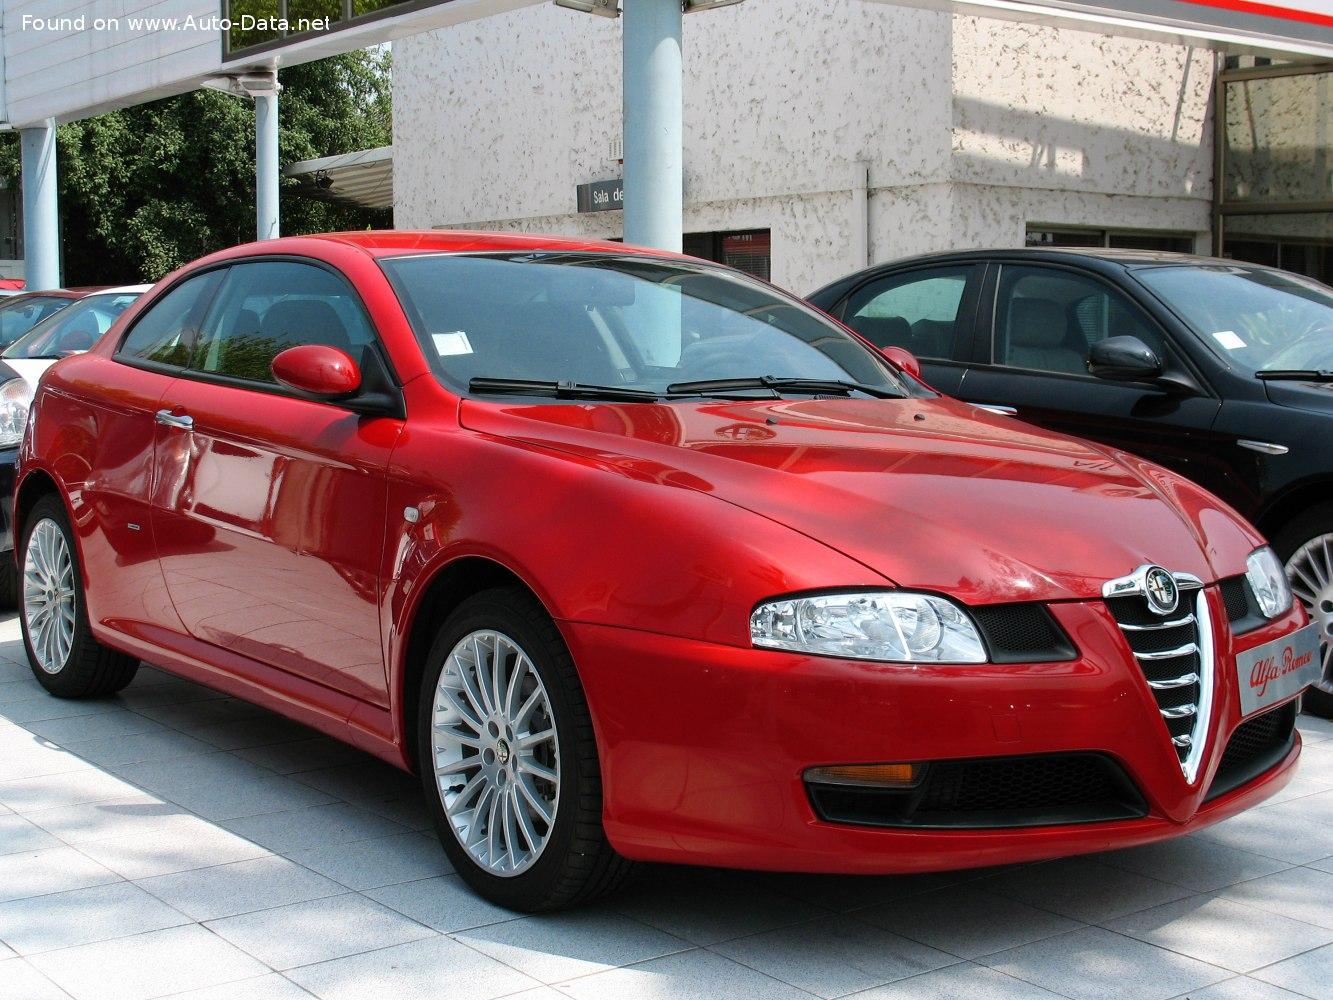 2003 Alfa Romeo Gt Coupe 3 2 I V6 24v Gta 240 Hp Technical Specs Data Fuel Consumption Dimensions